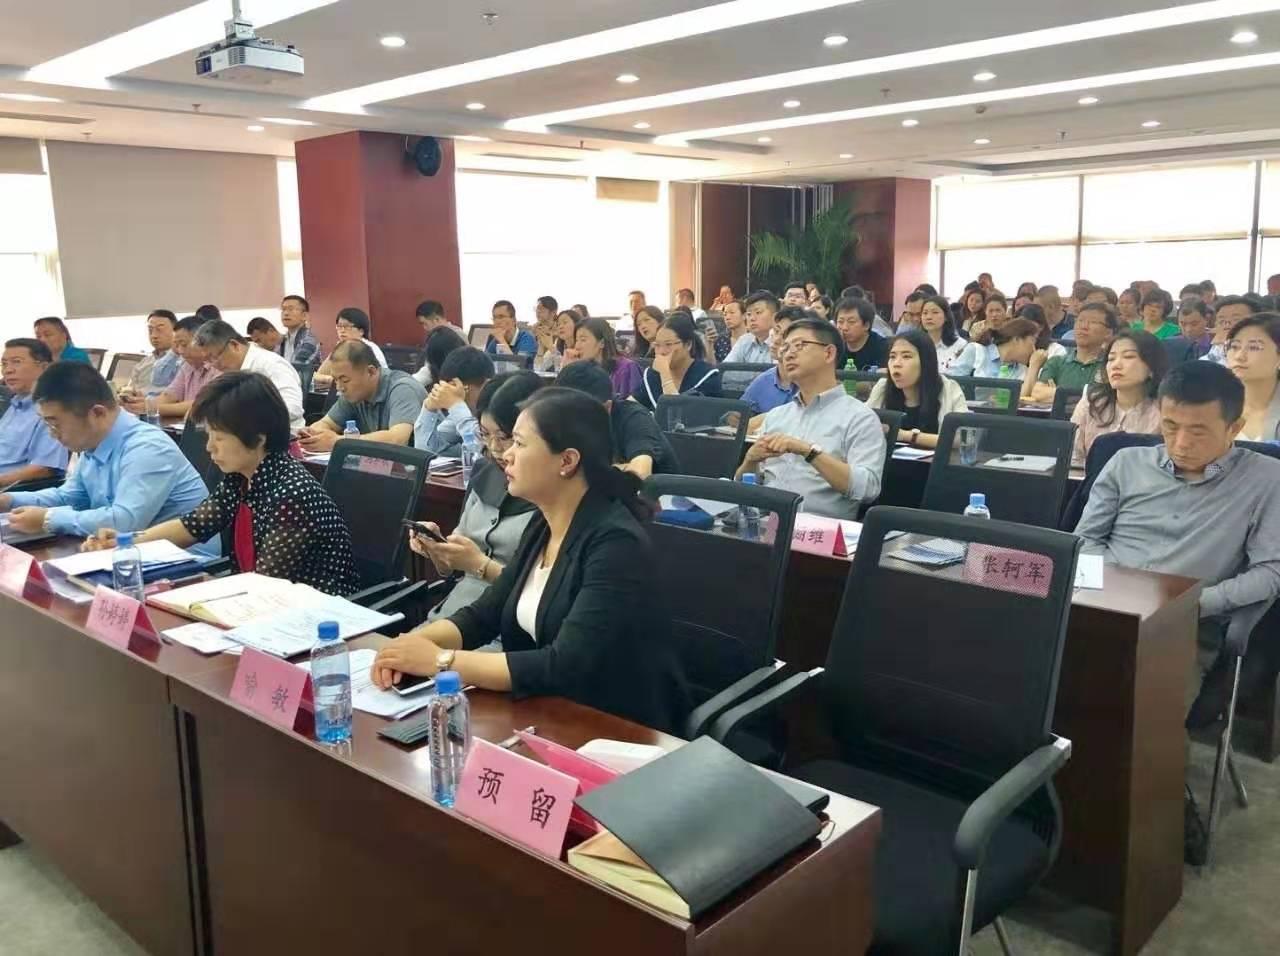 动态 | 天地纵横熊斌先生出席国际商会中国国家委员会海关与贸易便利化委员会2019年下半年工作会议